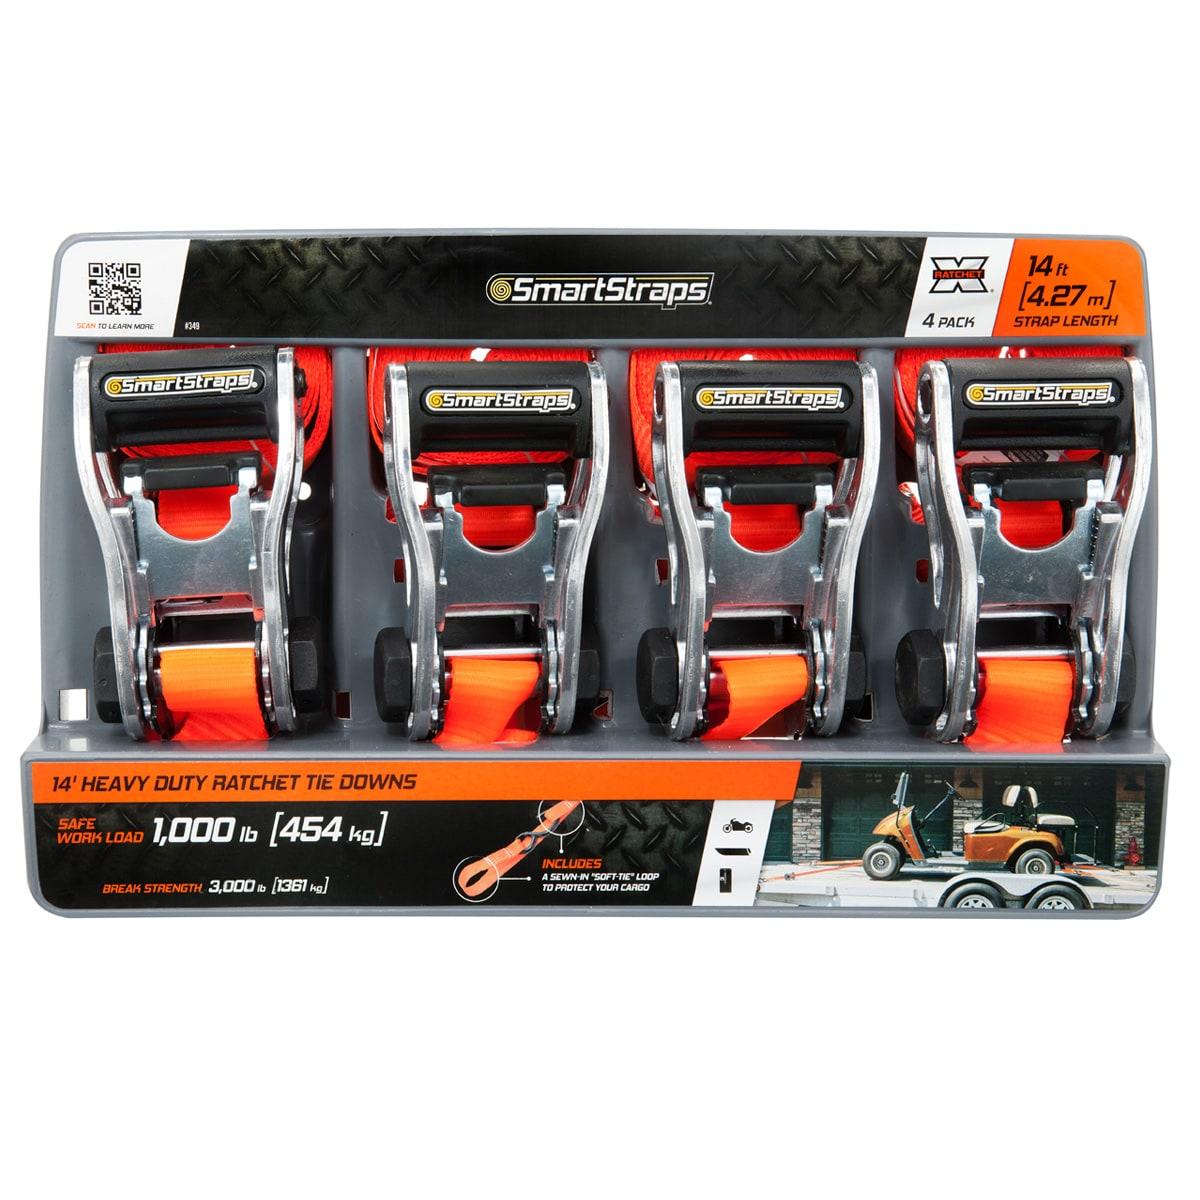 SmartStraps 14' 3000-pound RatchetX Tie Down Pack of 4 Orange